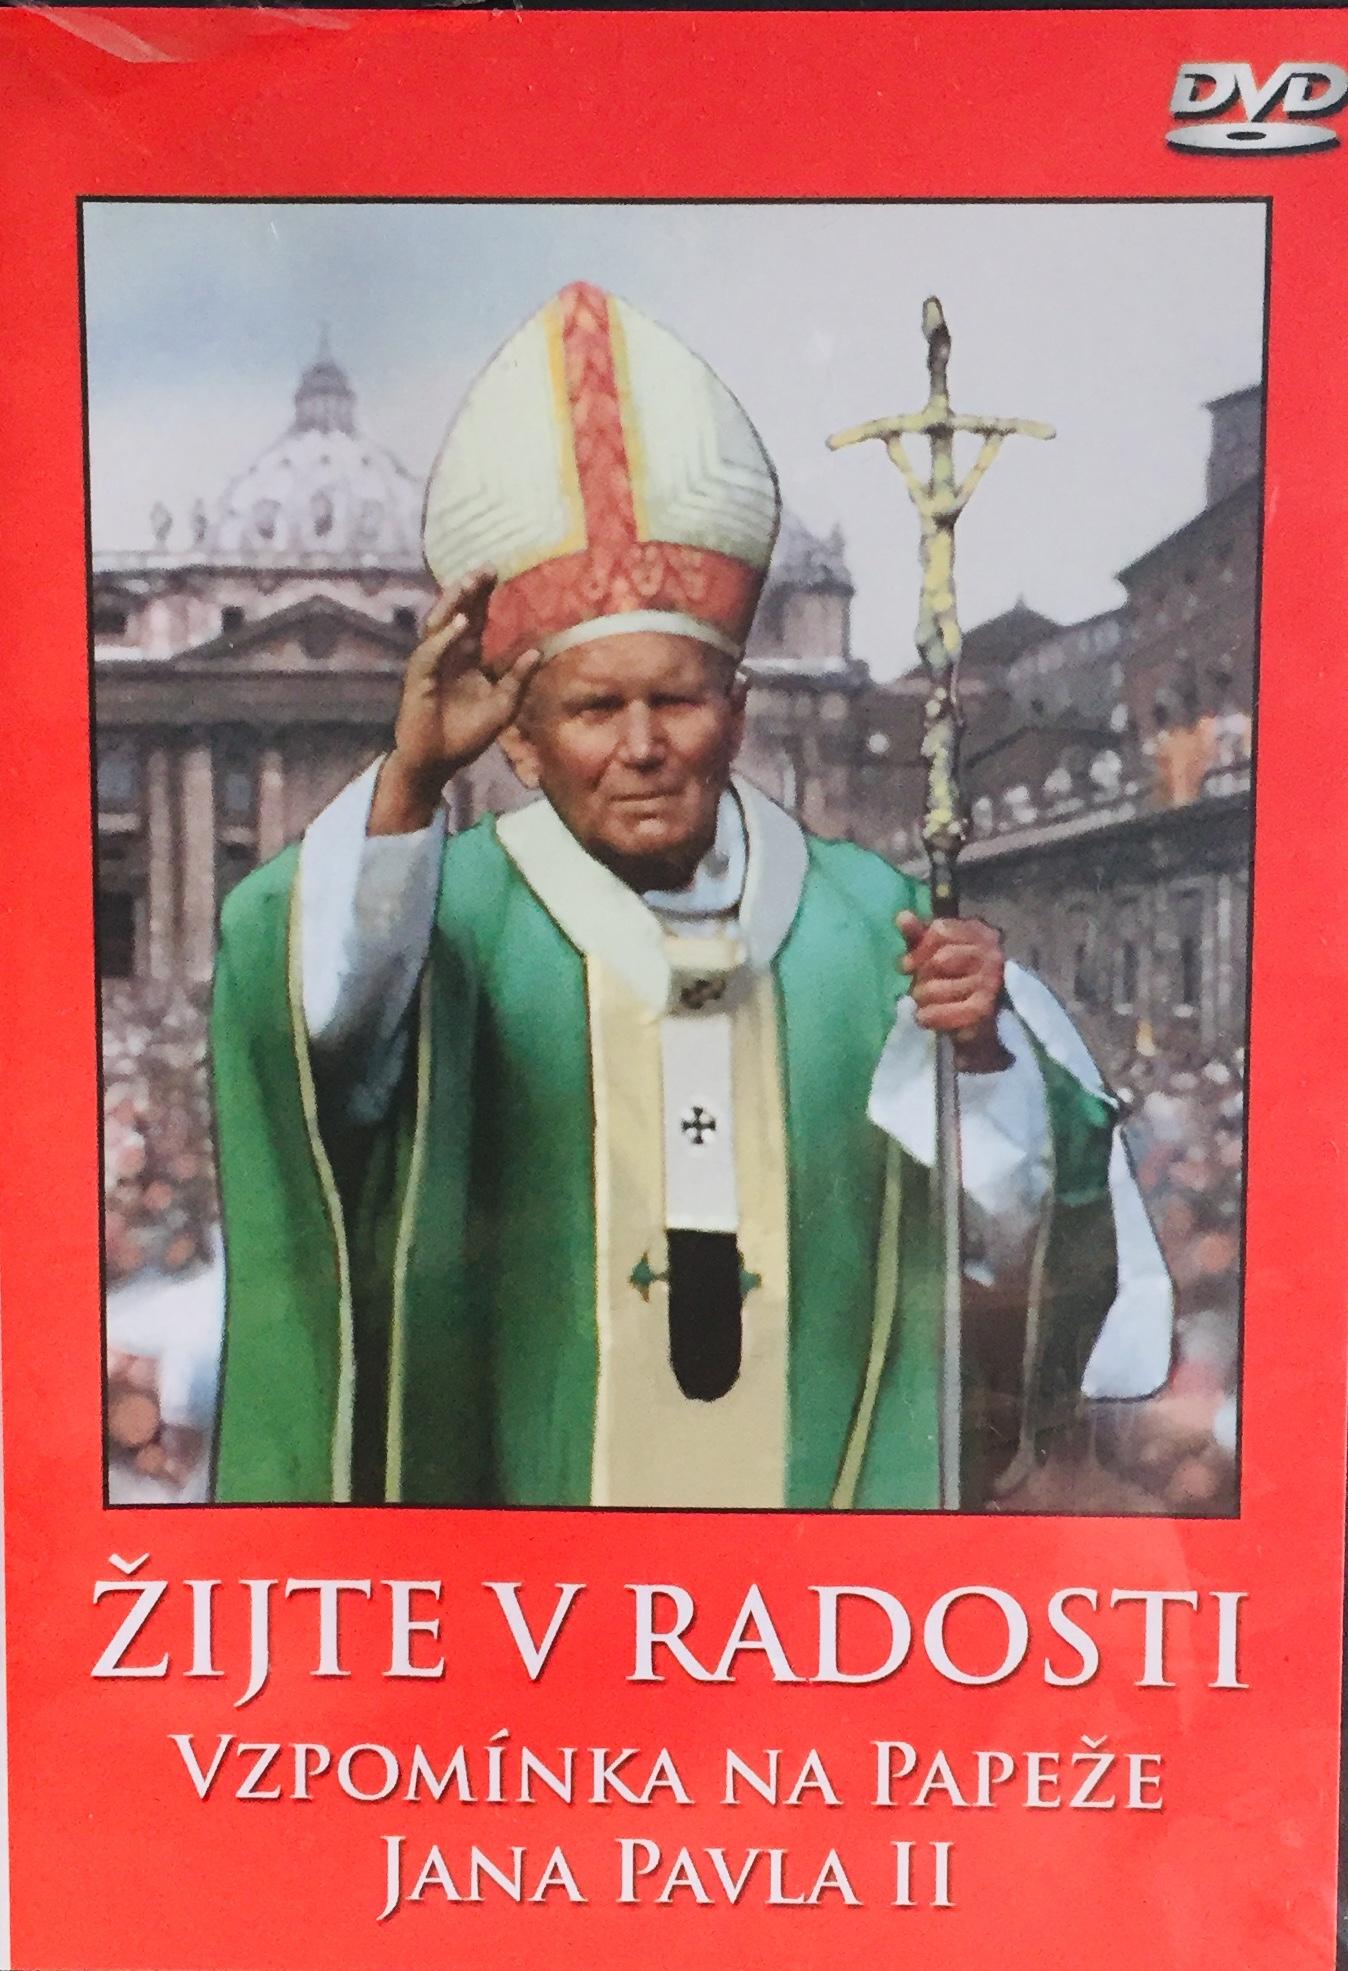 Žijte v radosti - Vzpomínka na papeže Jana Pavla II - DVD /plast/